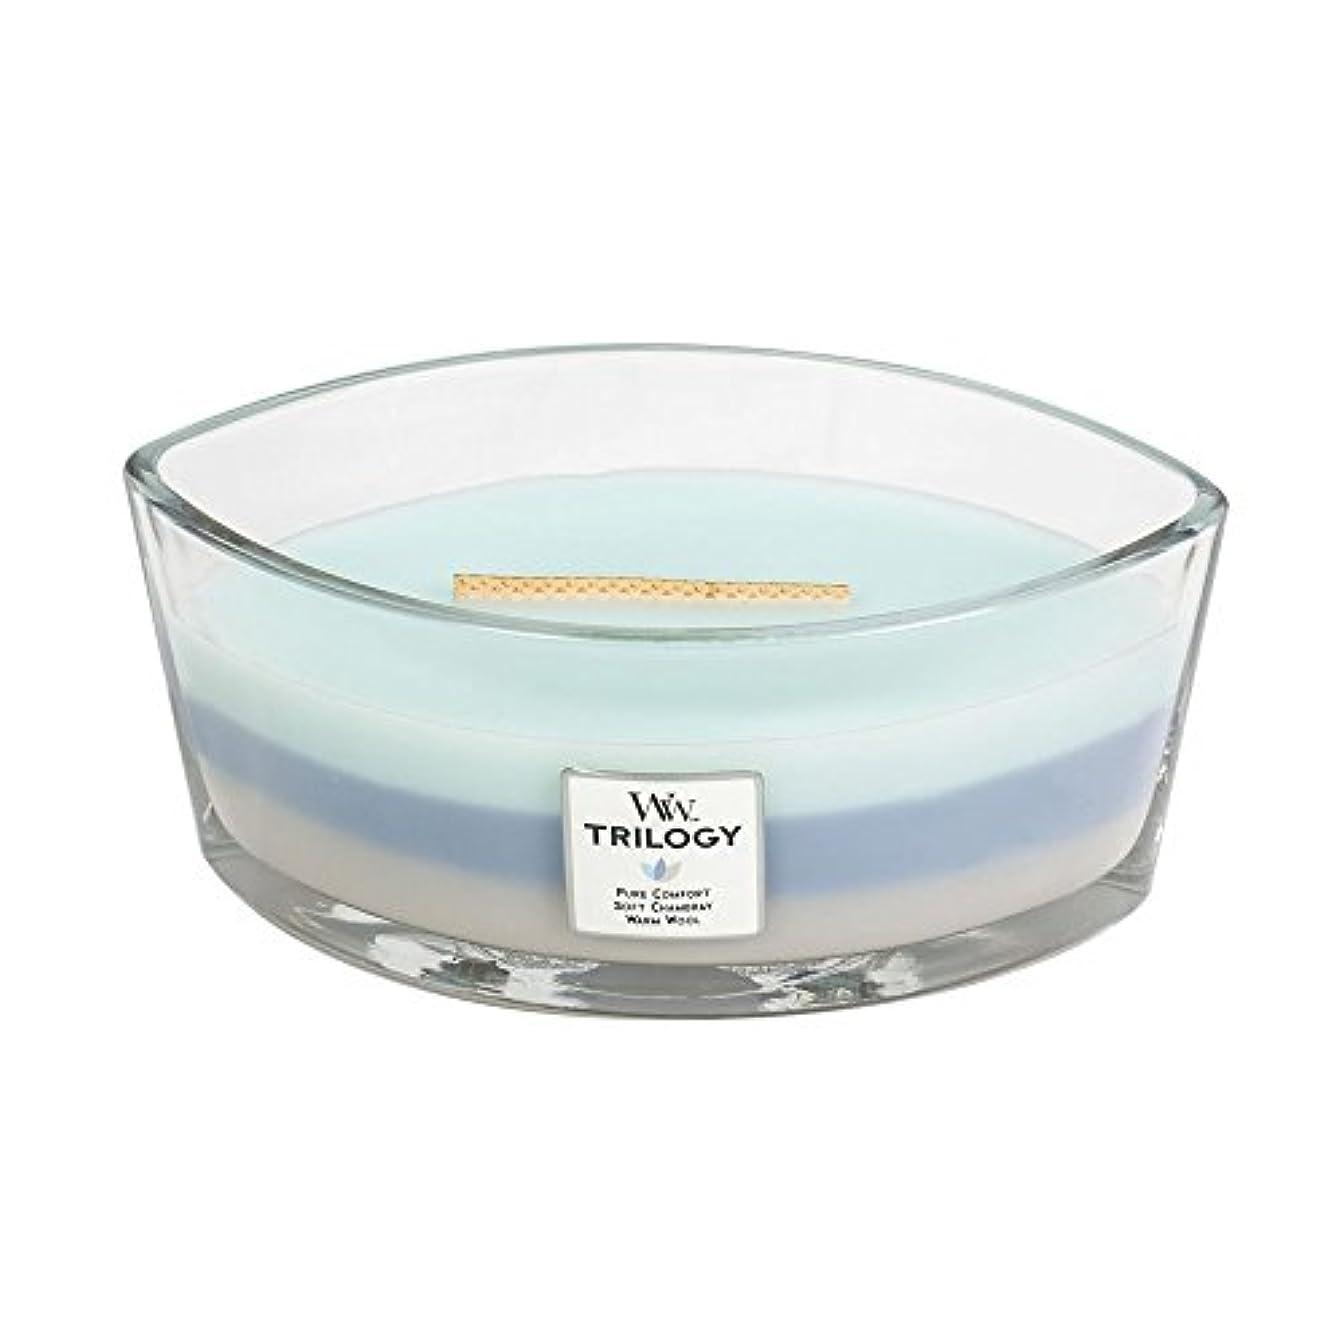 愚か創傷飼いならすWoodWick Trilogy WOVEN COMFORTS, 3-in-1 Highly Scented Candle, Ellipse Glass Jar with Original HearthWick Flame...